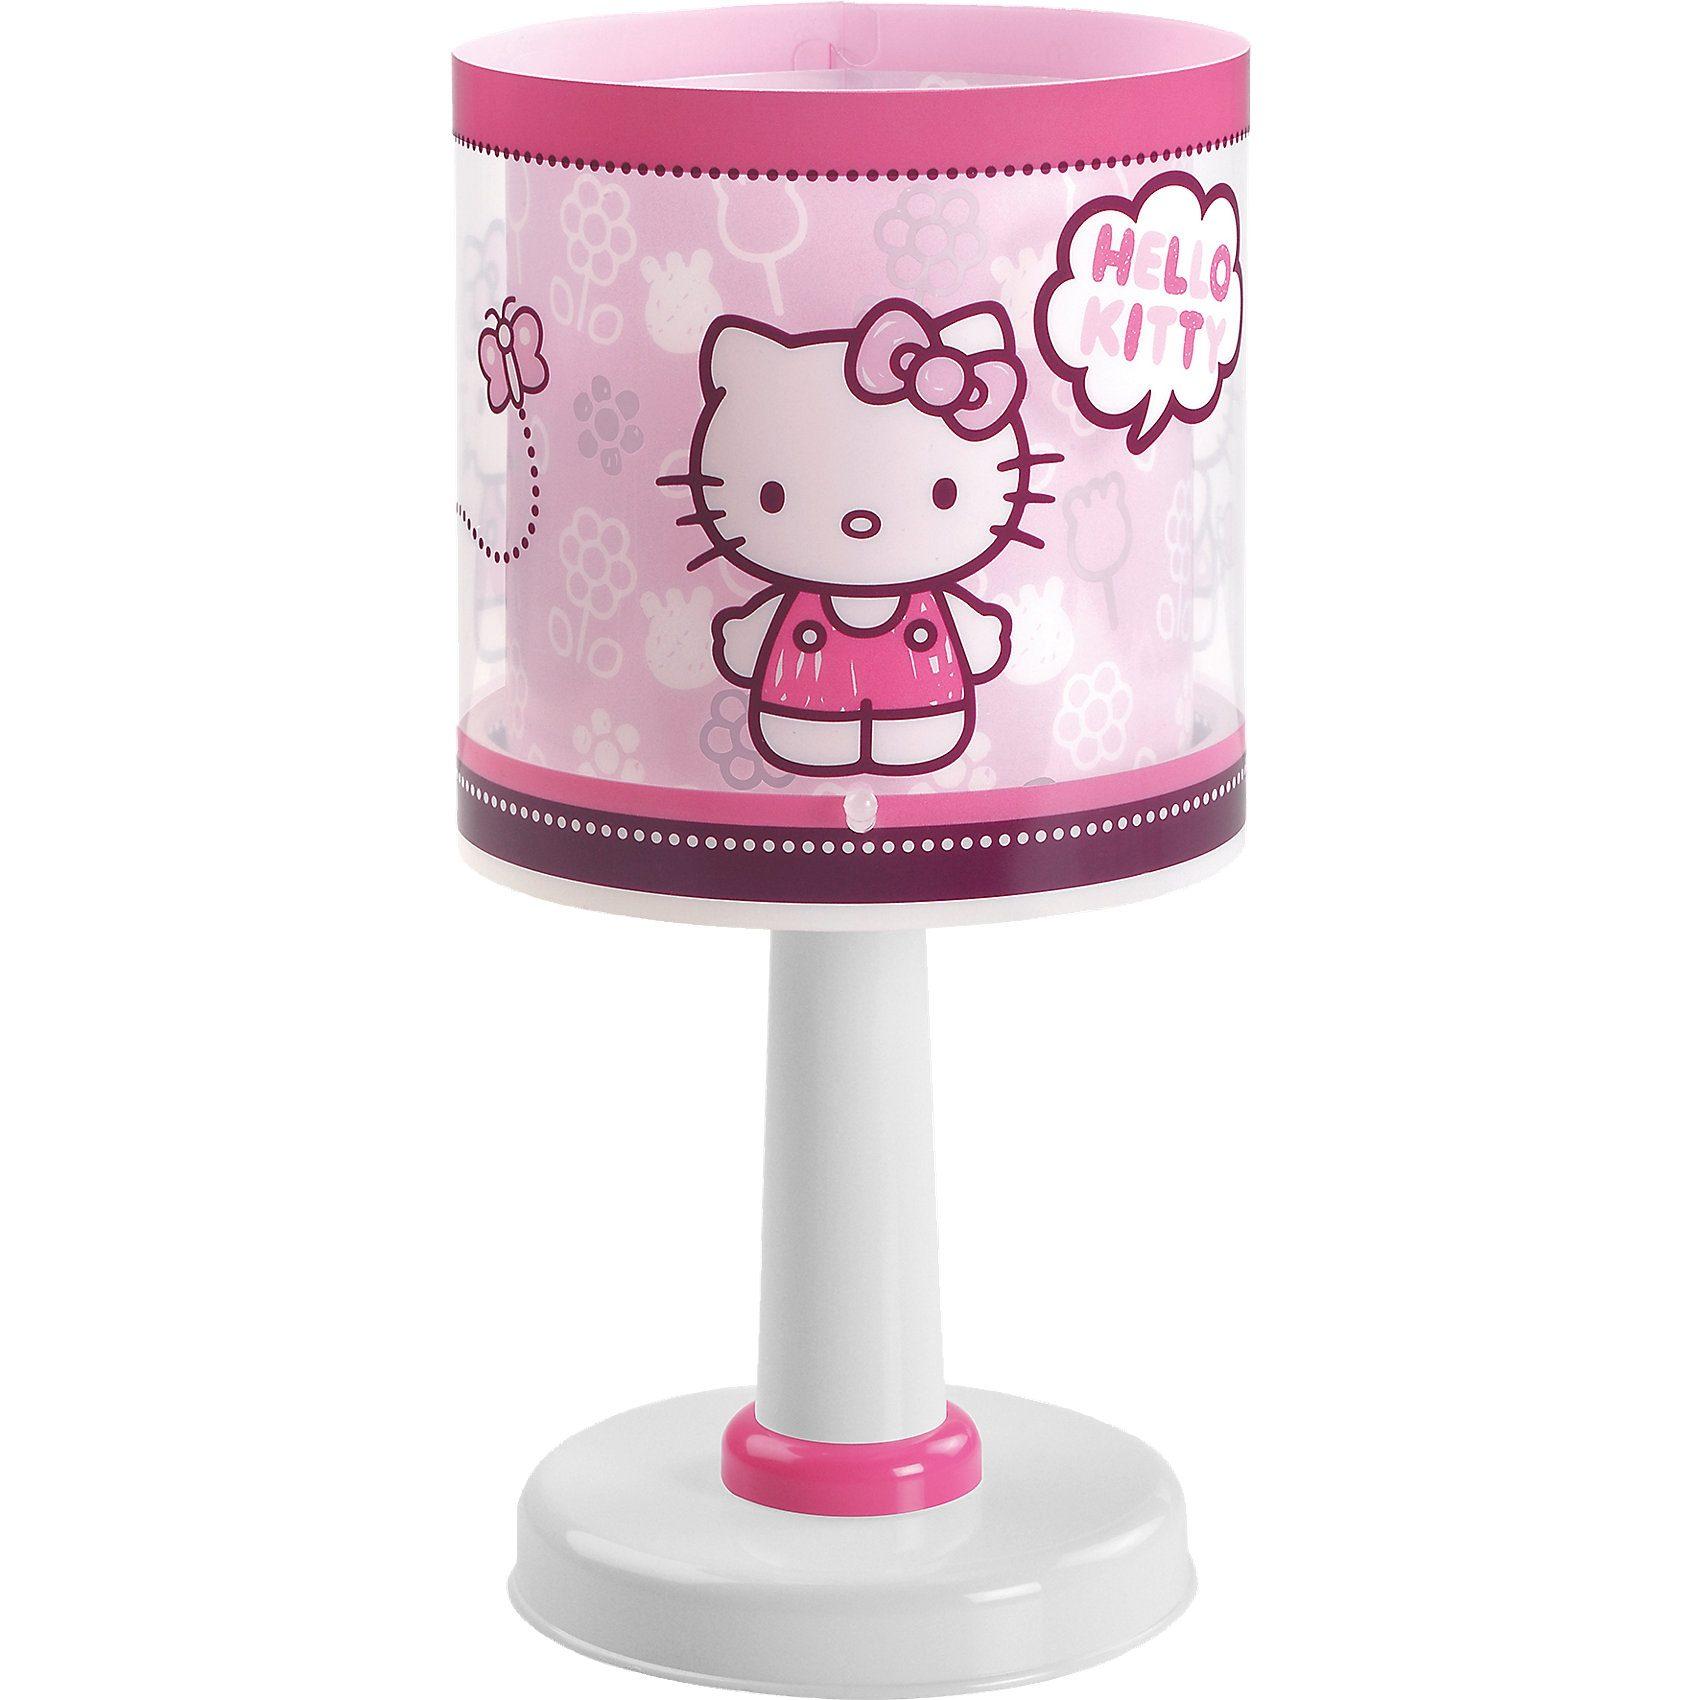 Dalber Tischlampe Hello Kitty, rosa